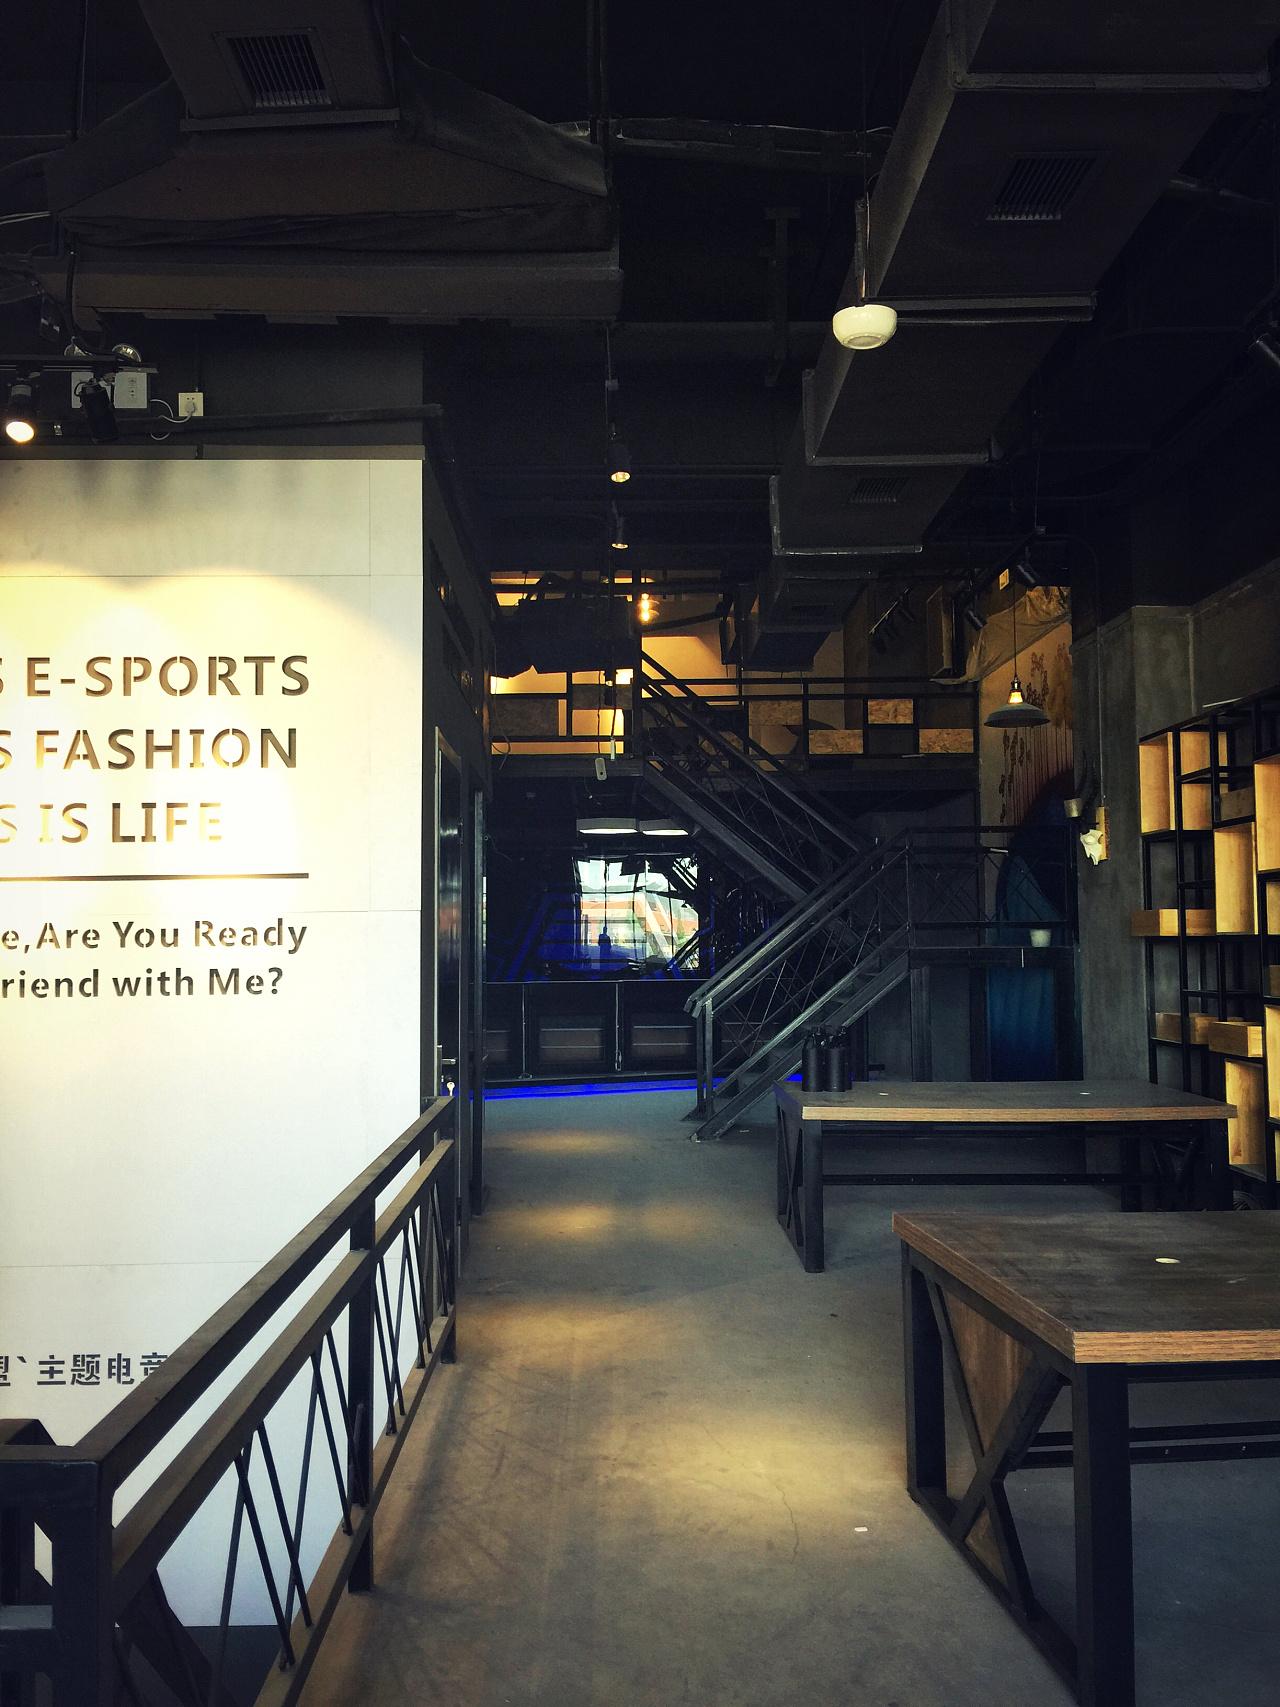 大连网咖v猿人猿人联盟电竞岚帝空间设计刘昌英语美字体设计理念图片